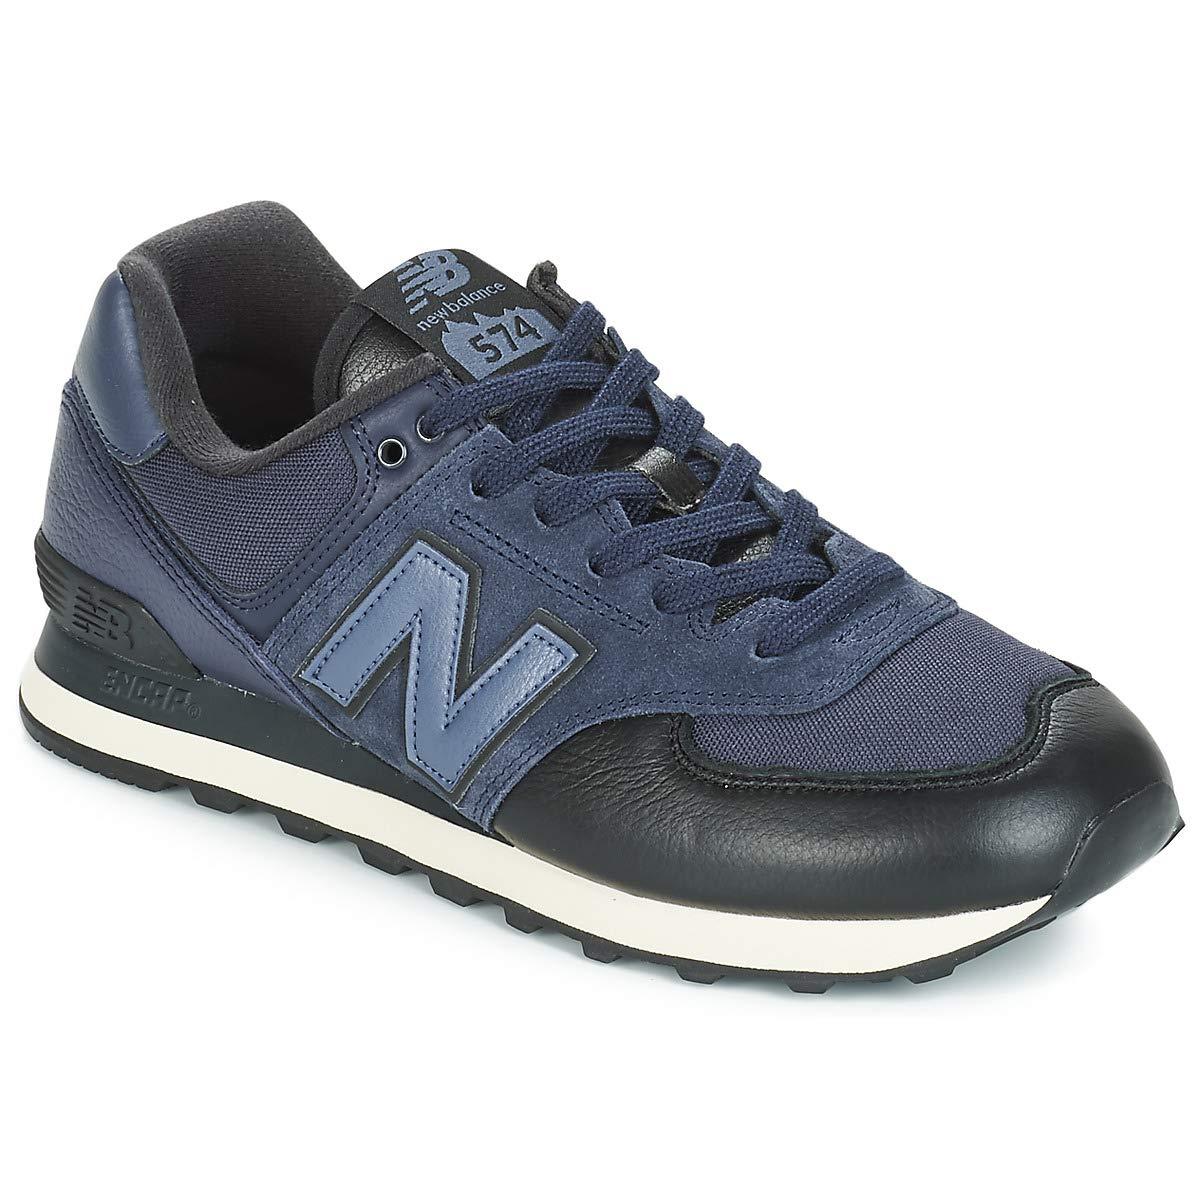 Gentiluomo   Signora New Balance 574v2, scarpe da ginnastica Uomo Nuovo prodotto Prestazione eccellente Negozio famoso   Primo nella sua classe    Scolaro/Ragazze Scarpa